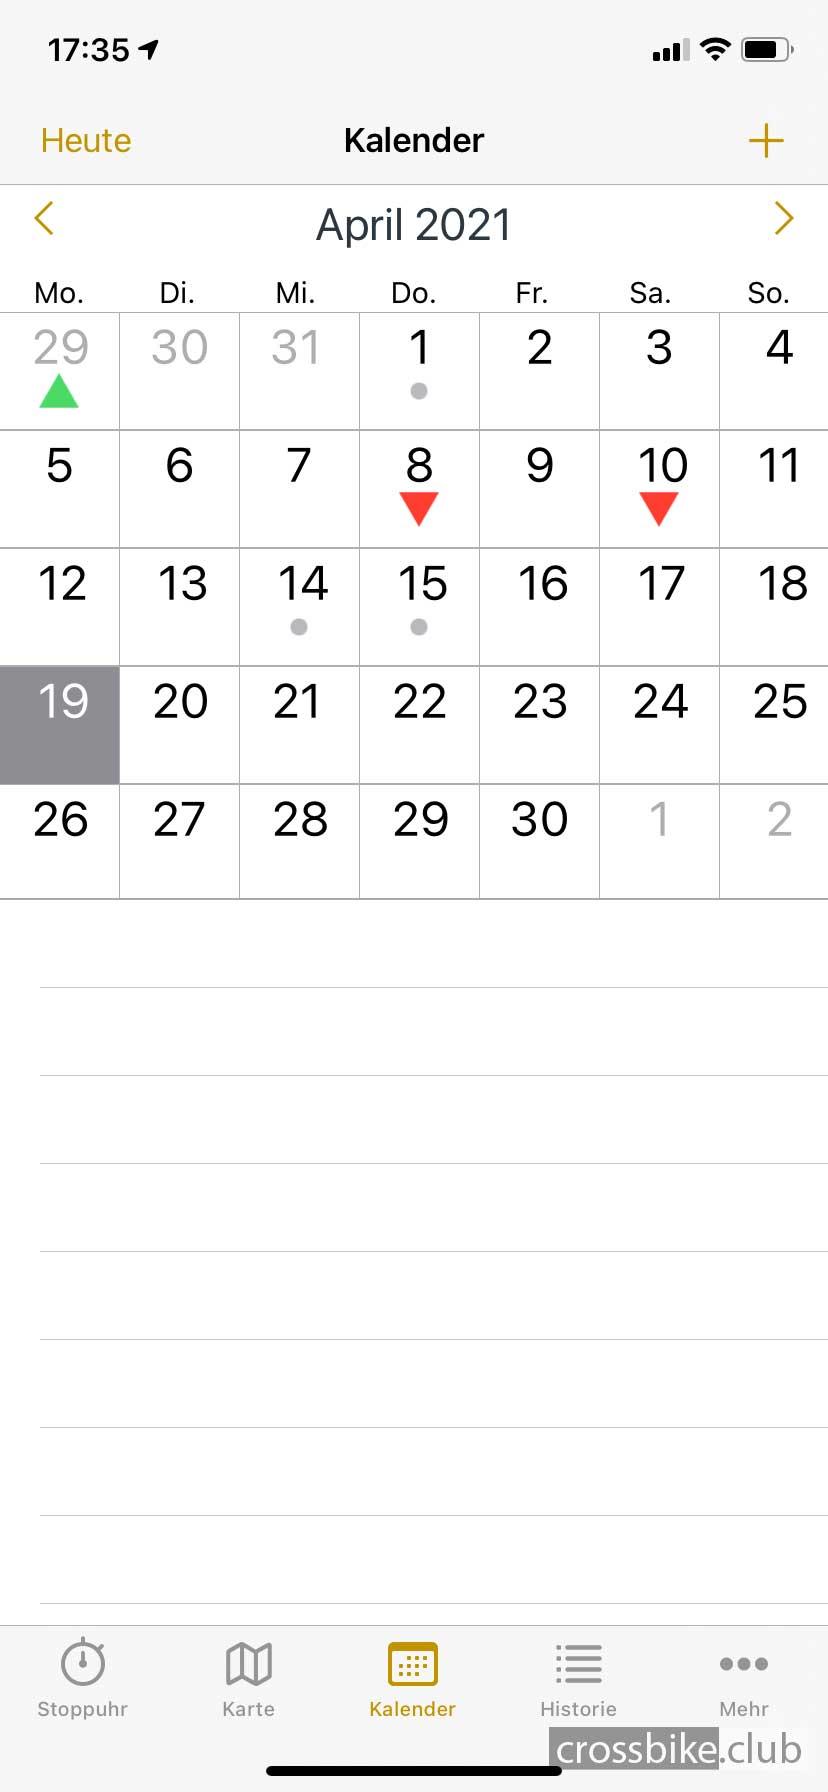 cyclemeter_kalender